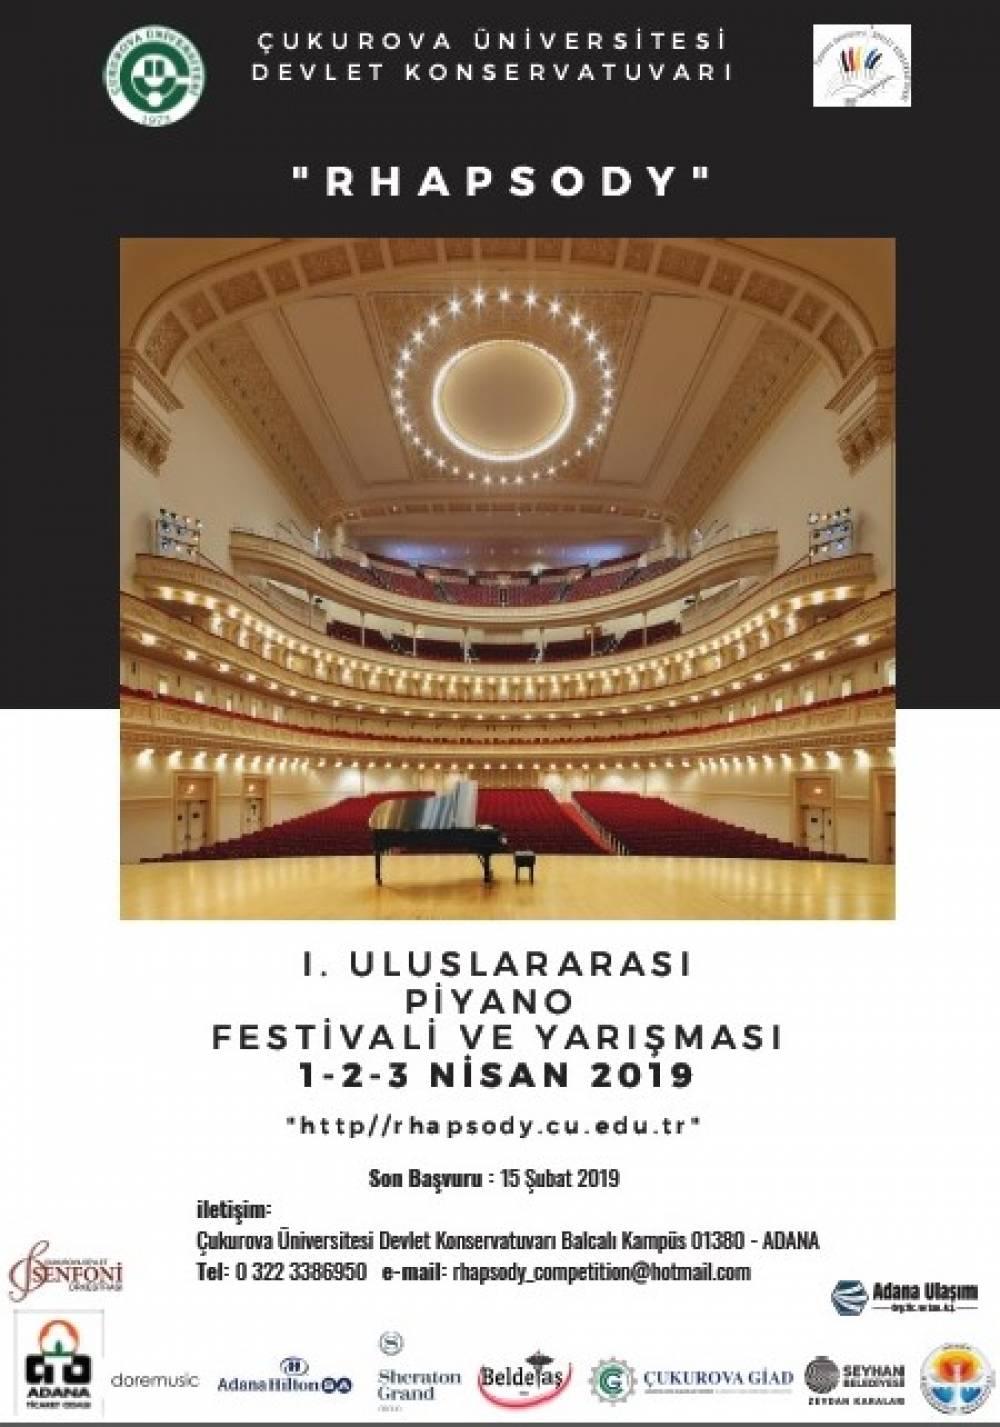 """Çukurova Üniversitesi I. Uluslararası """"Rhapsody"""" Piyano Festivali ve Yarışması Nisan Ayında Yapılacak"""